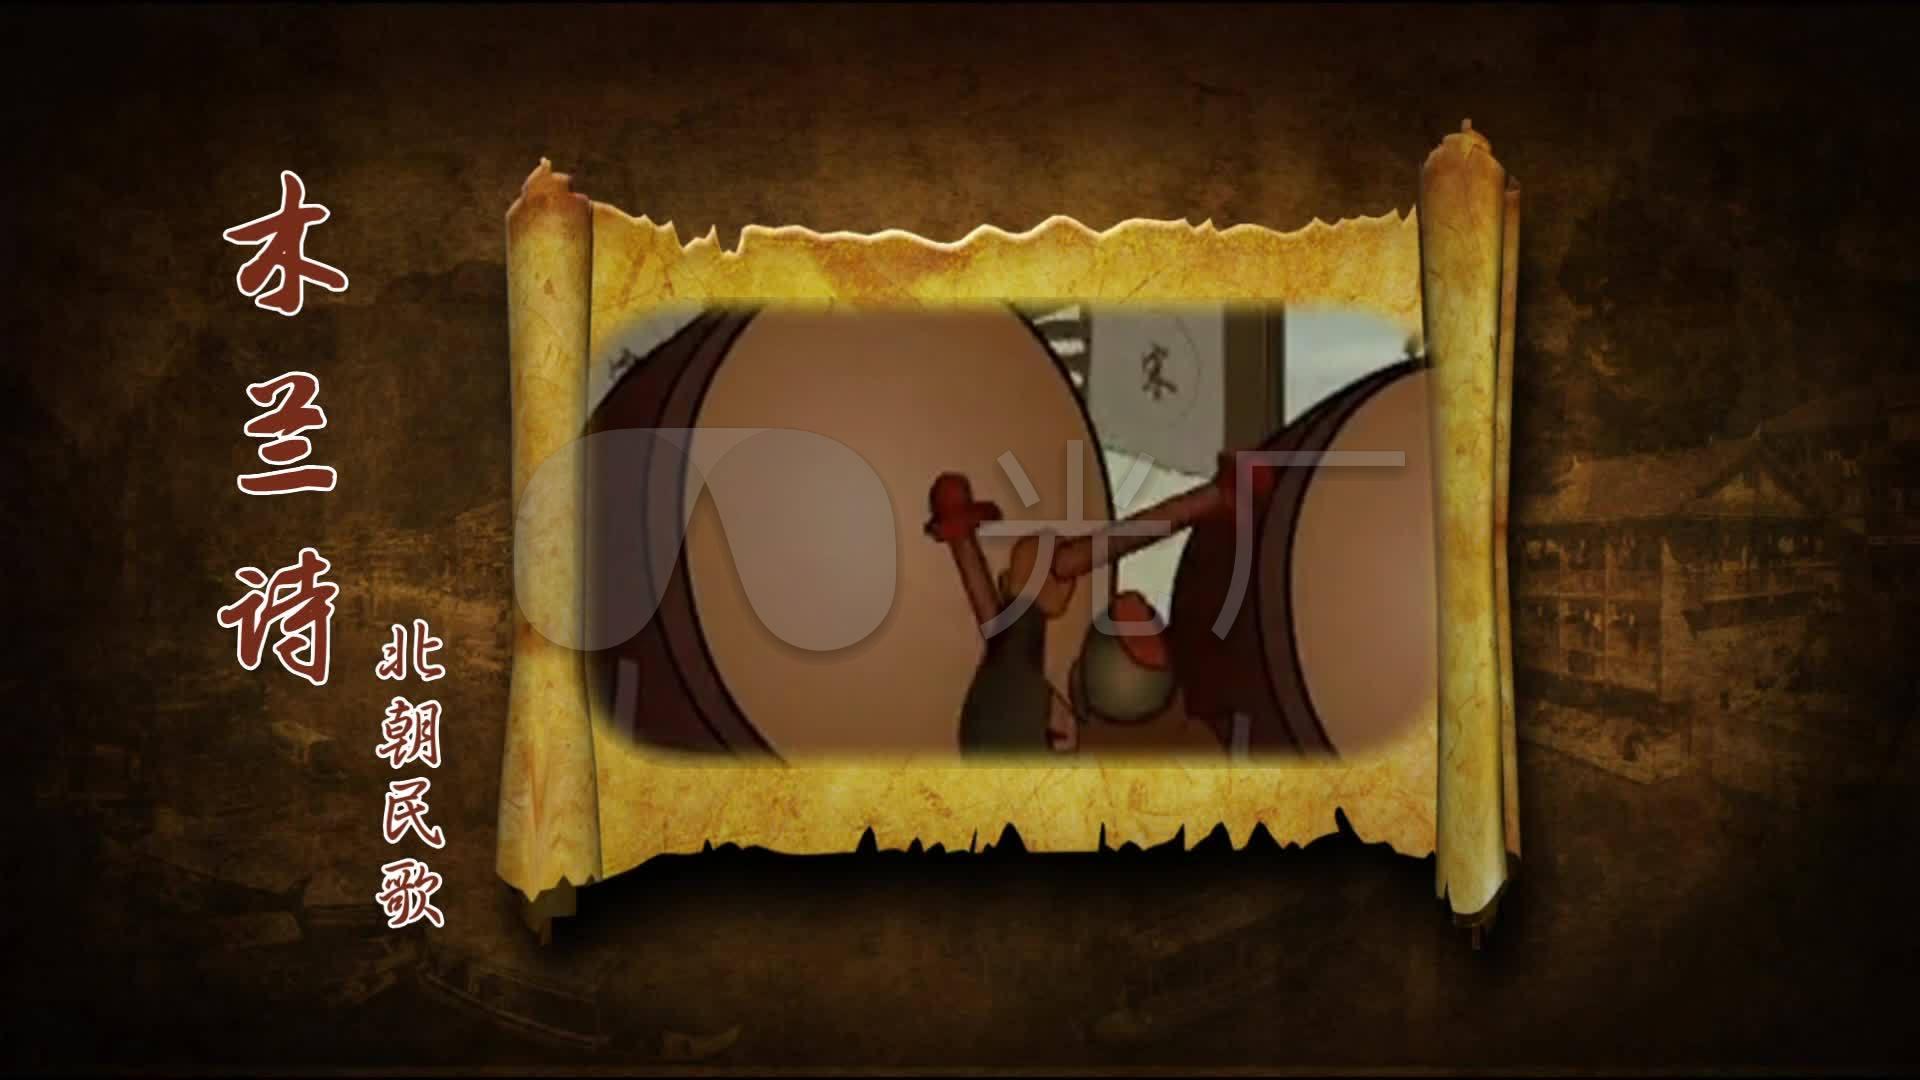 《木兰诗》朗诵无字幕配乐视频_1920X1080_